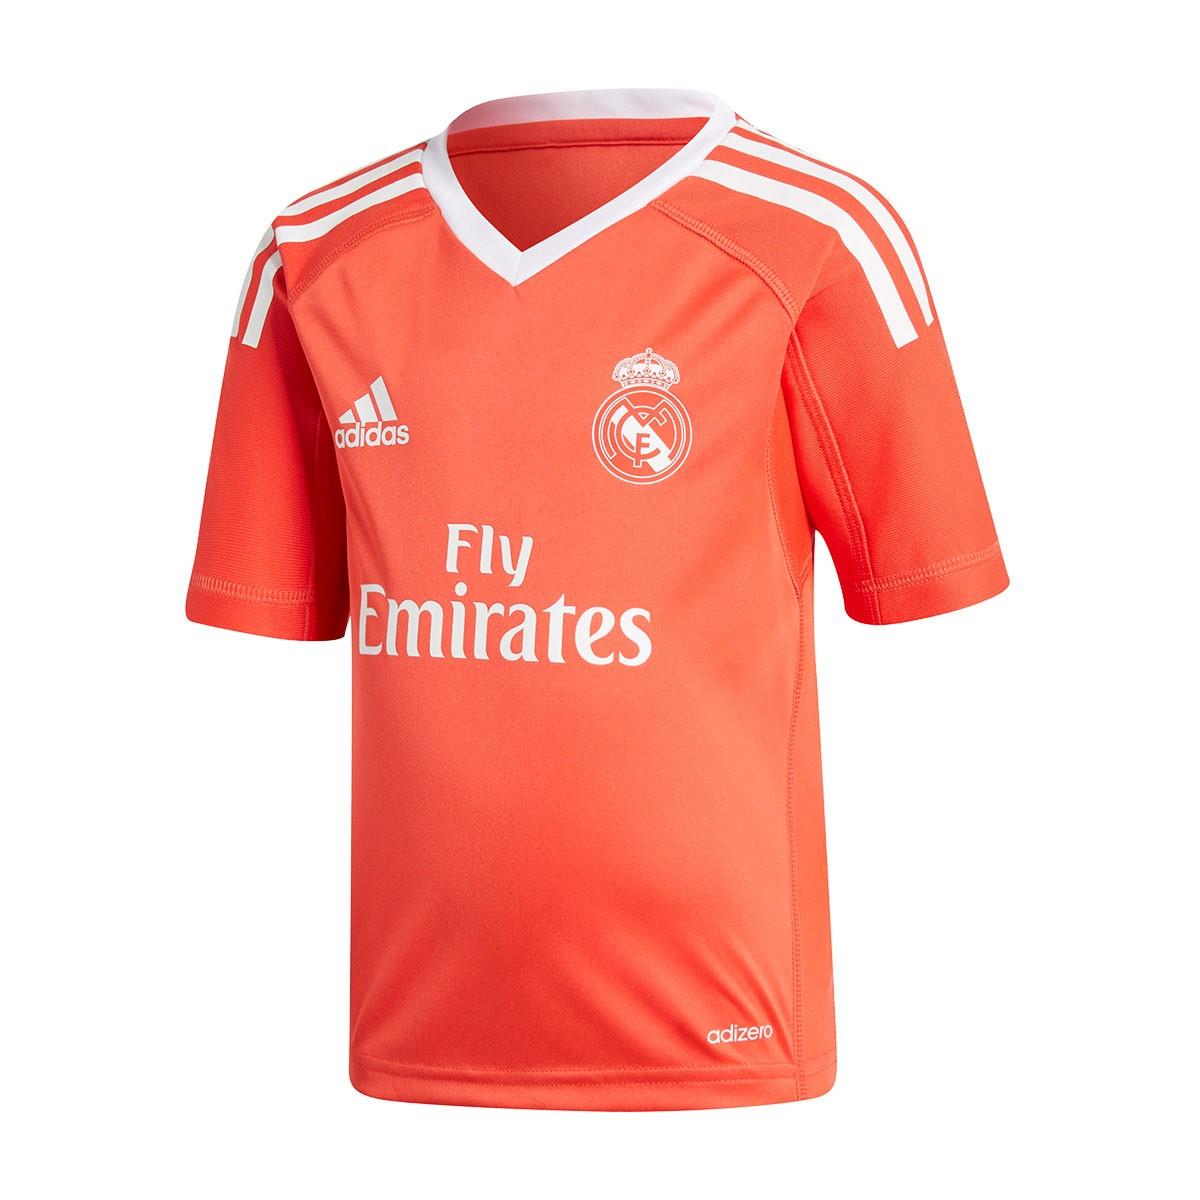 014e56930d Conjunto adidas Real Madrid Equipamento Alternativo Guarda-Redes 2017-2018  Crianças Bright red-White - Loja de futebol Fútbol Emotion